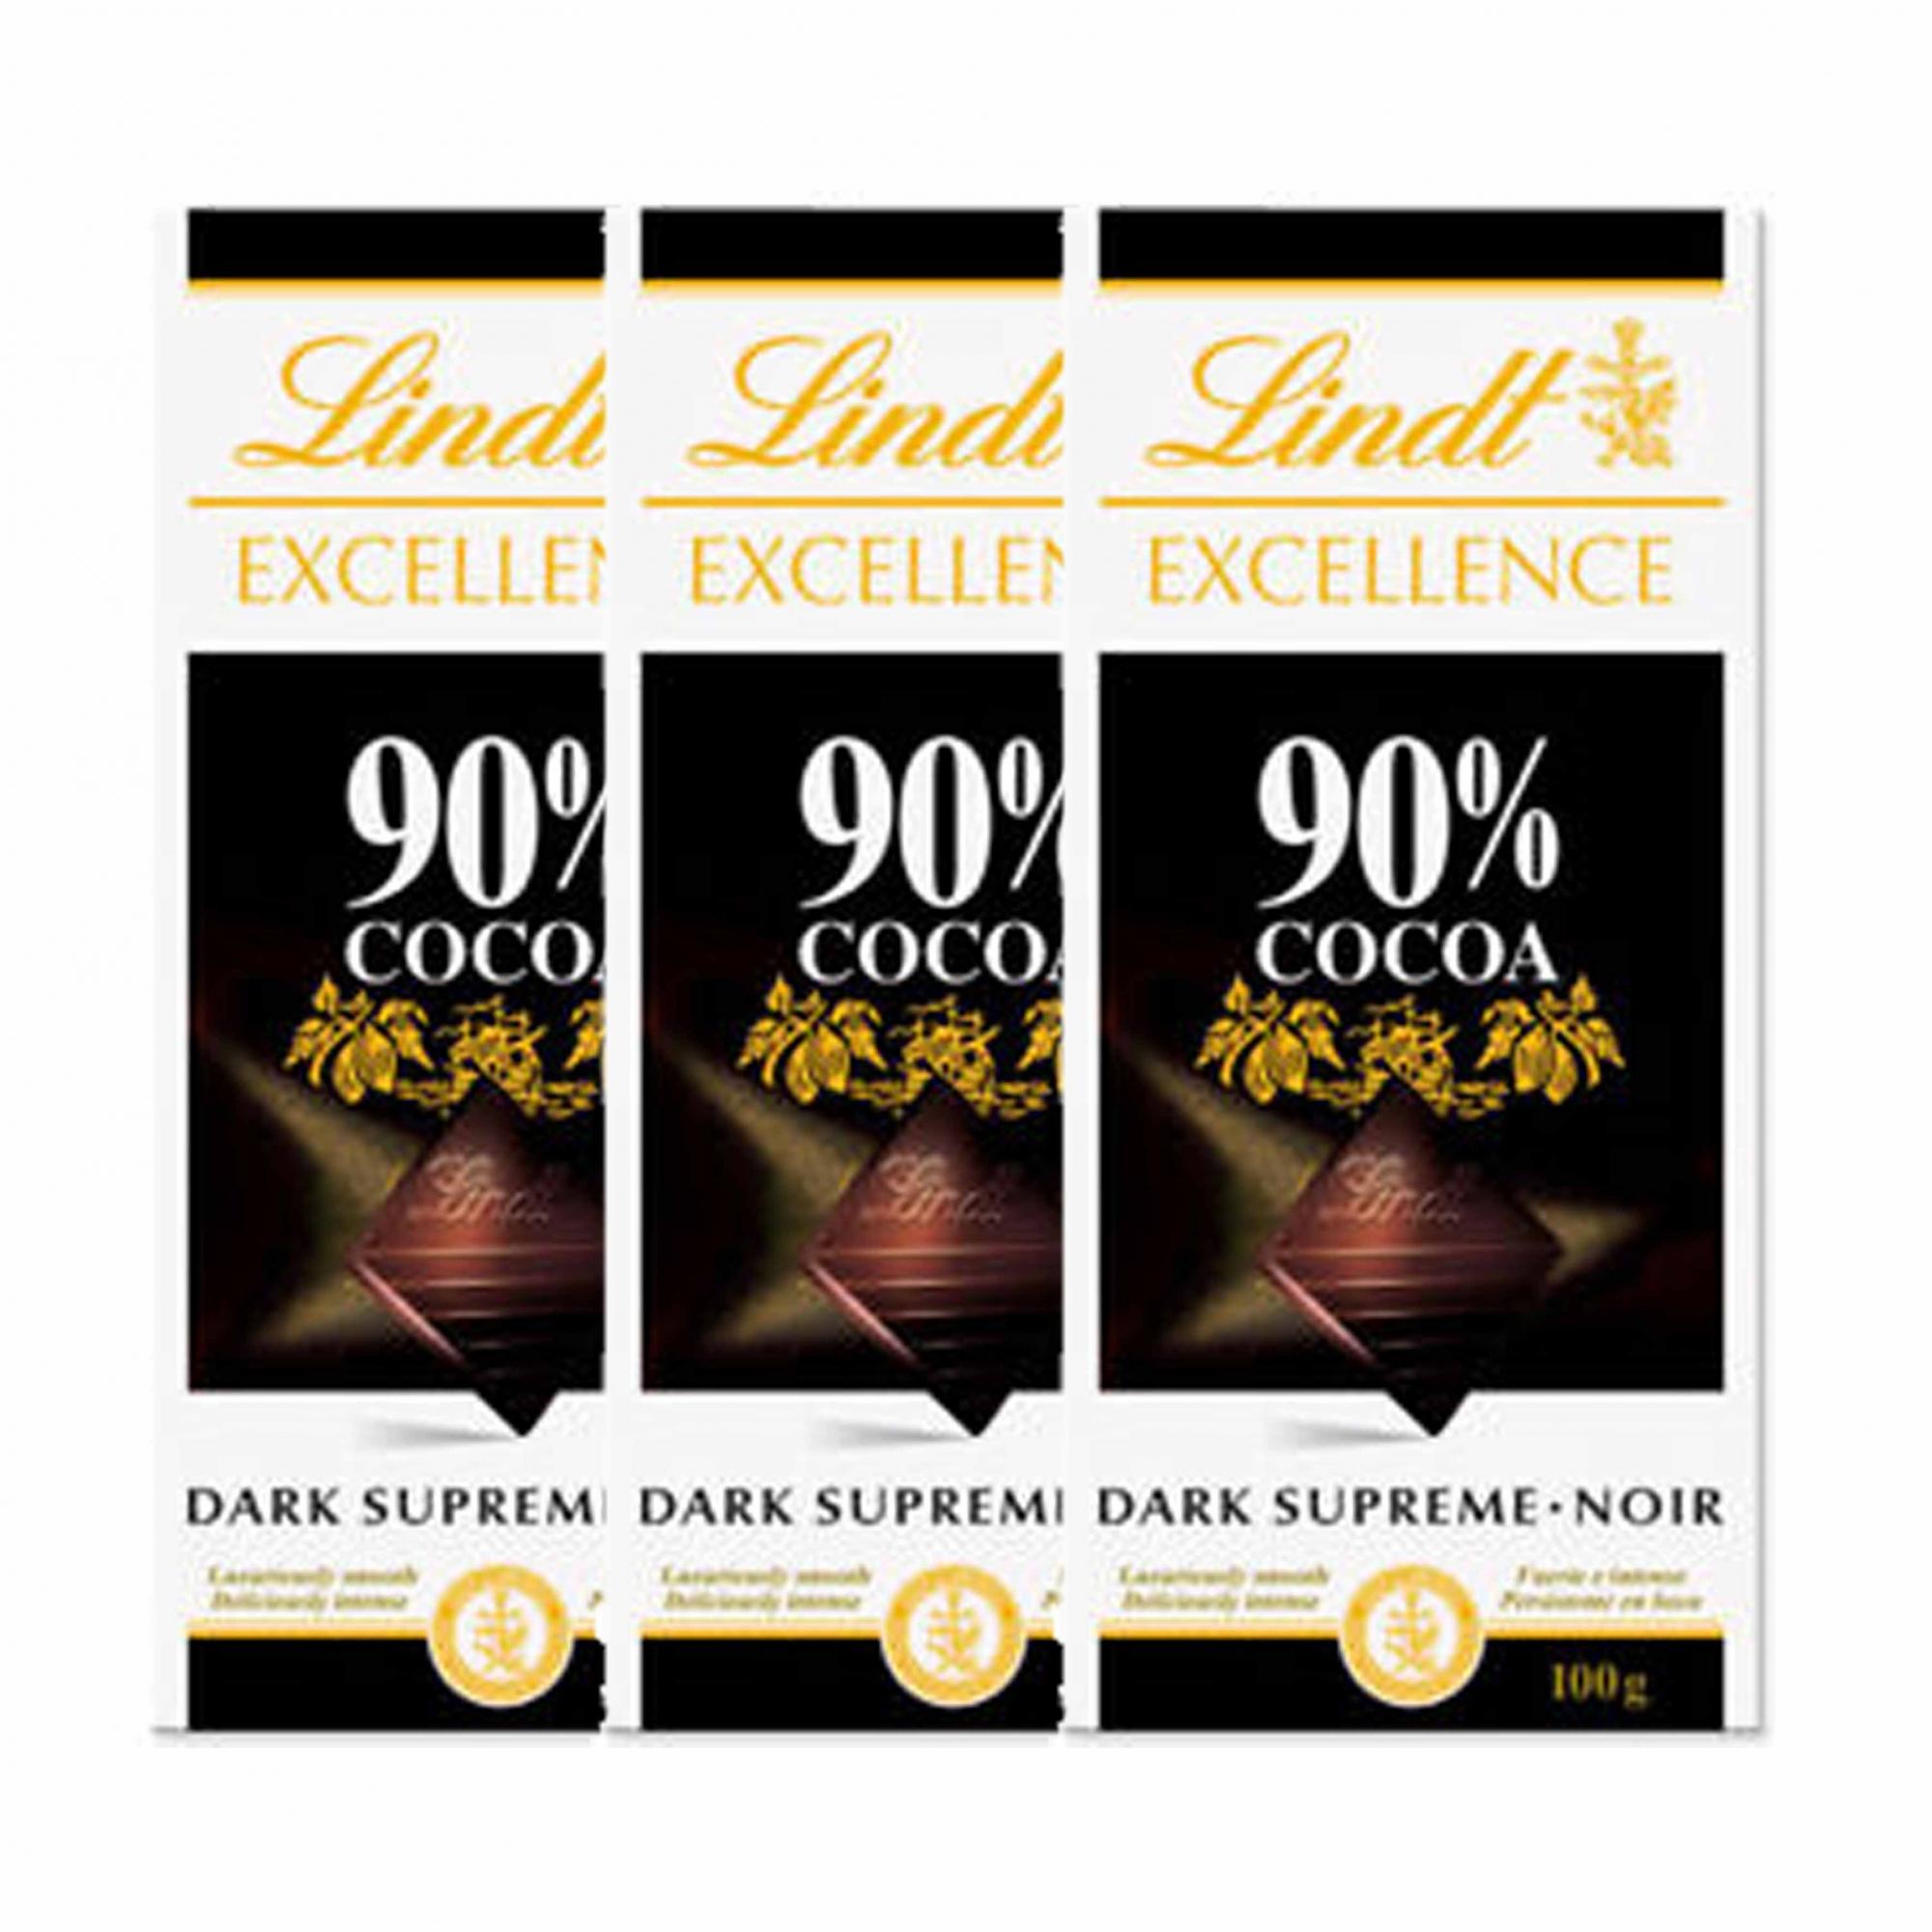 Kit 3x Barra de chocolate Lindt Excellence 90% Amargo 100g Dark